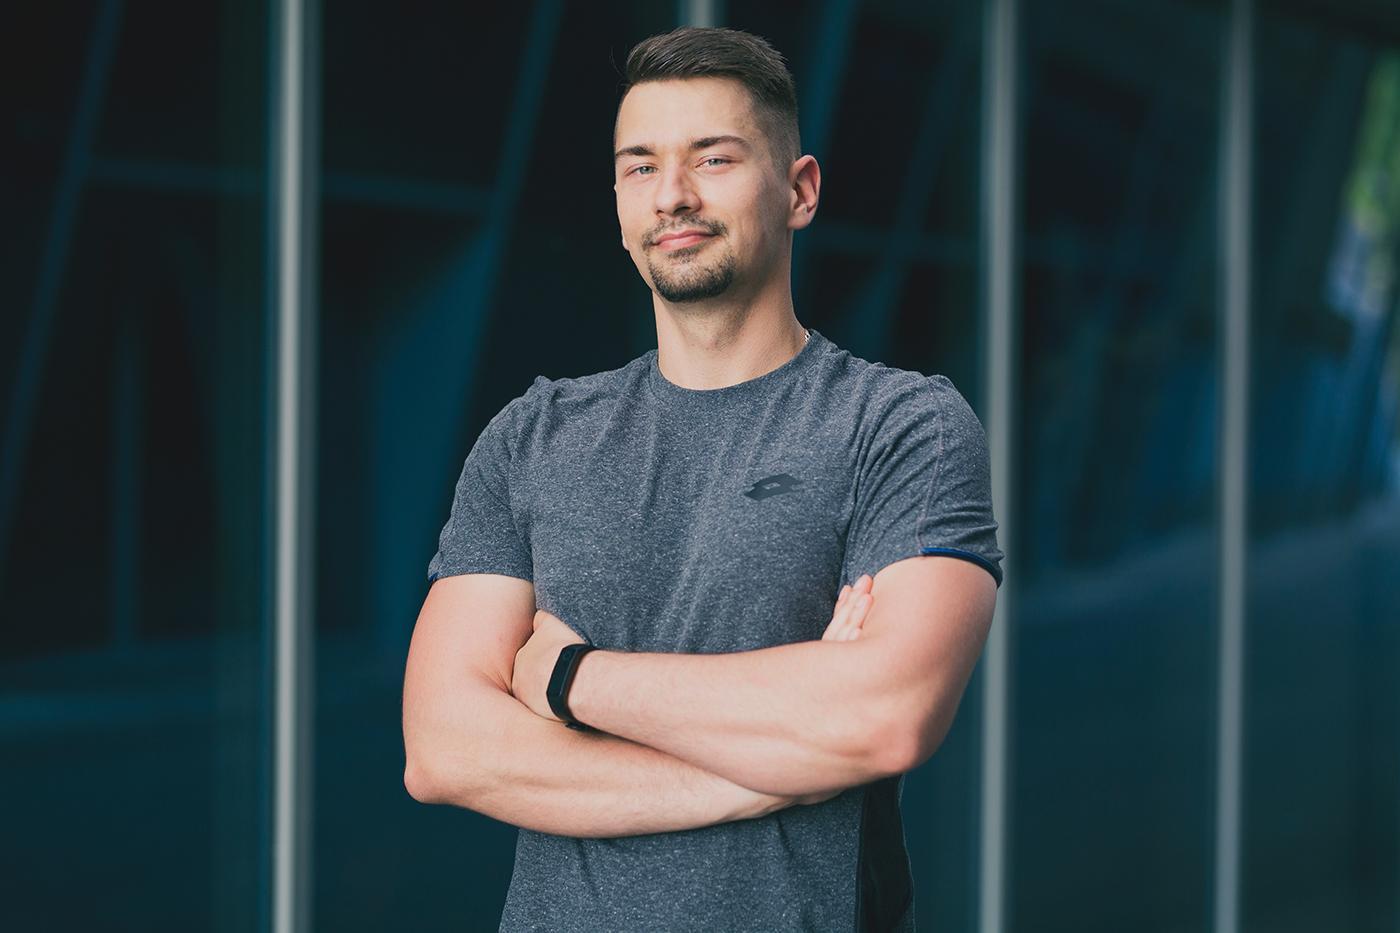 Sesja wizerunkowa trenera personalnego Kraków